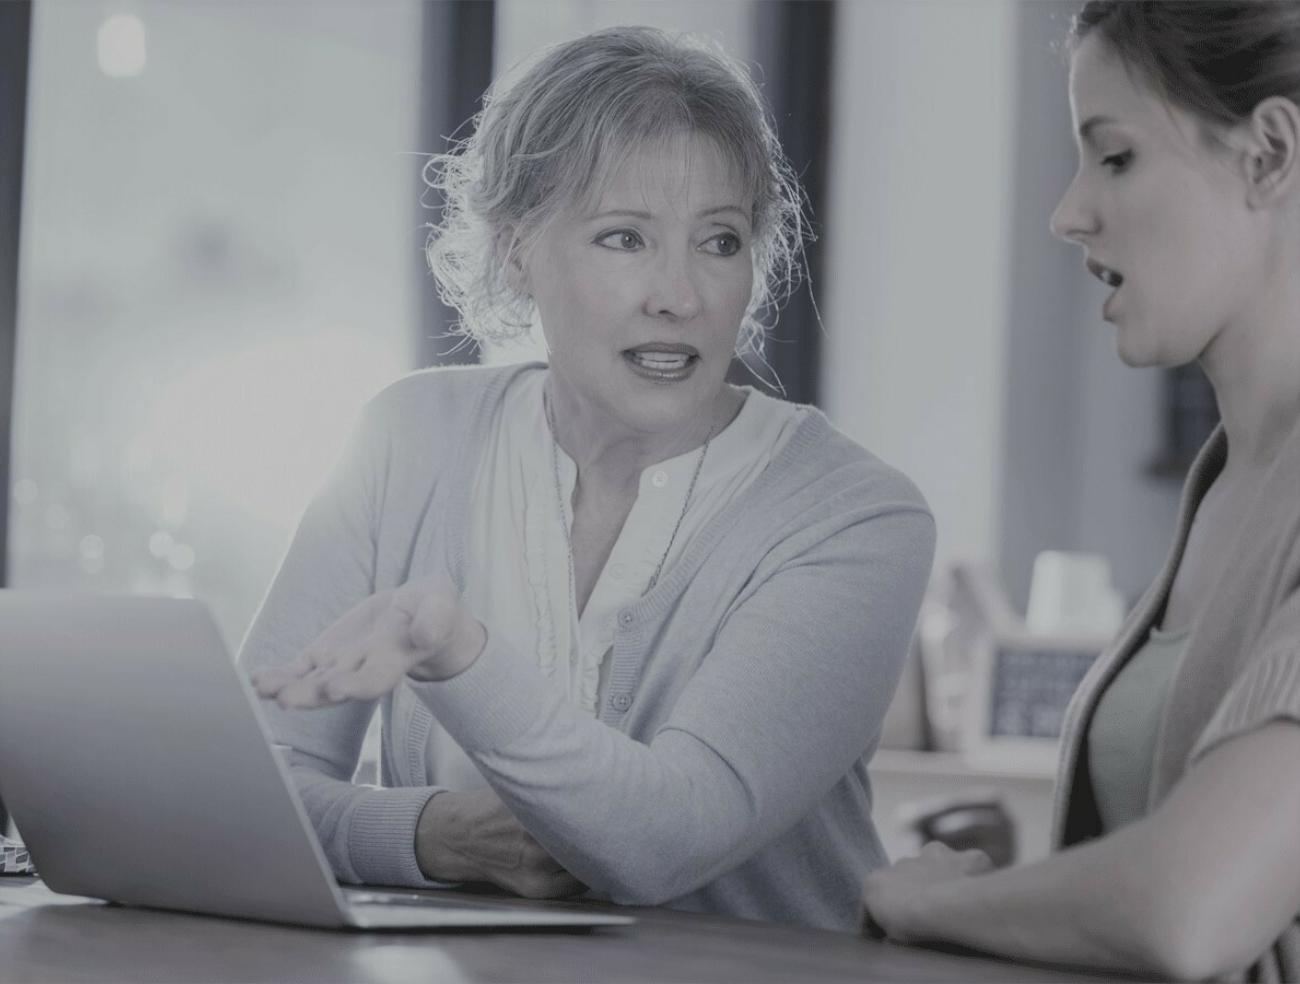 Tijd voor een nieuwe leider in het familiebedrijf? Ja maar, er zijn twijfels